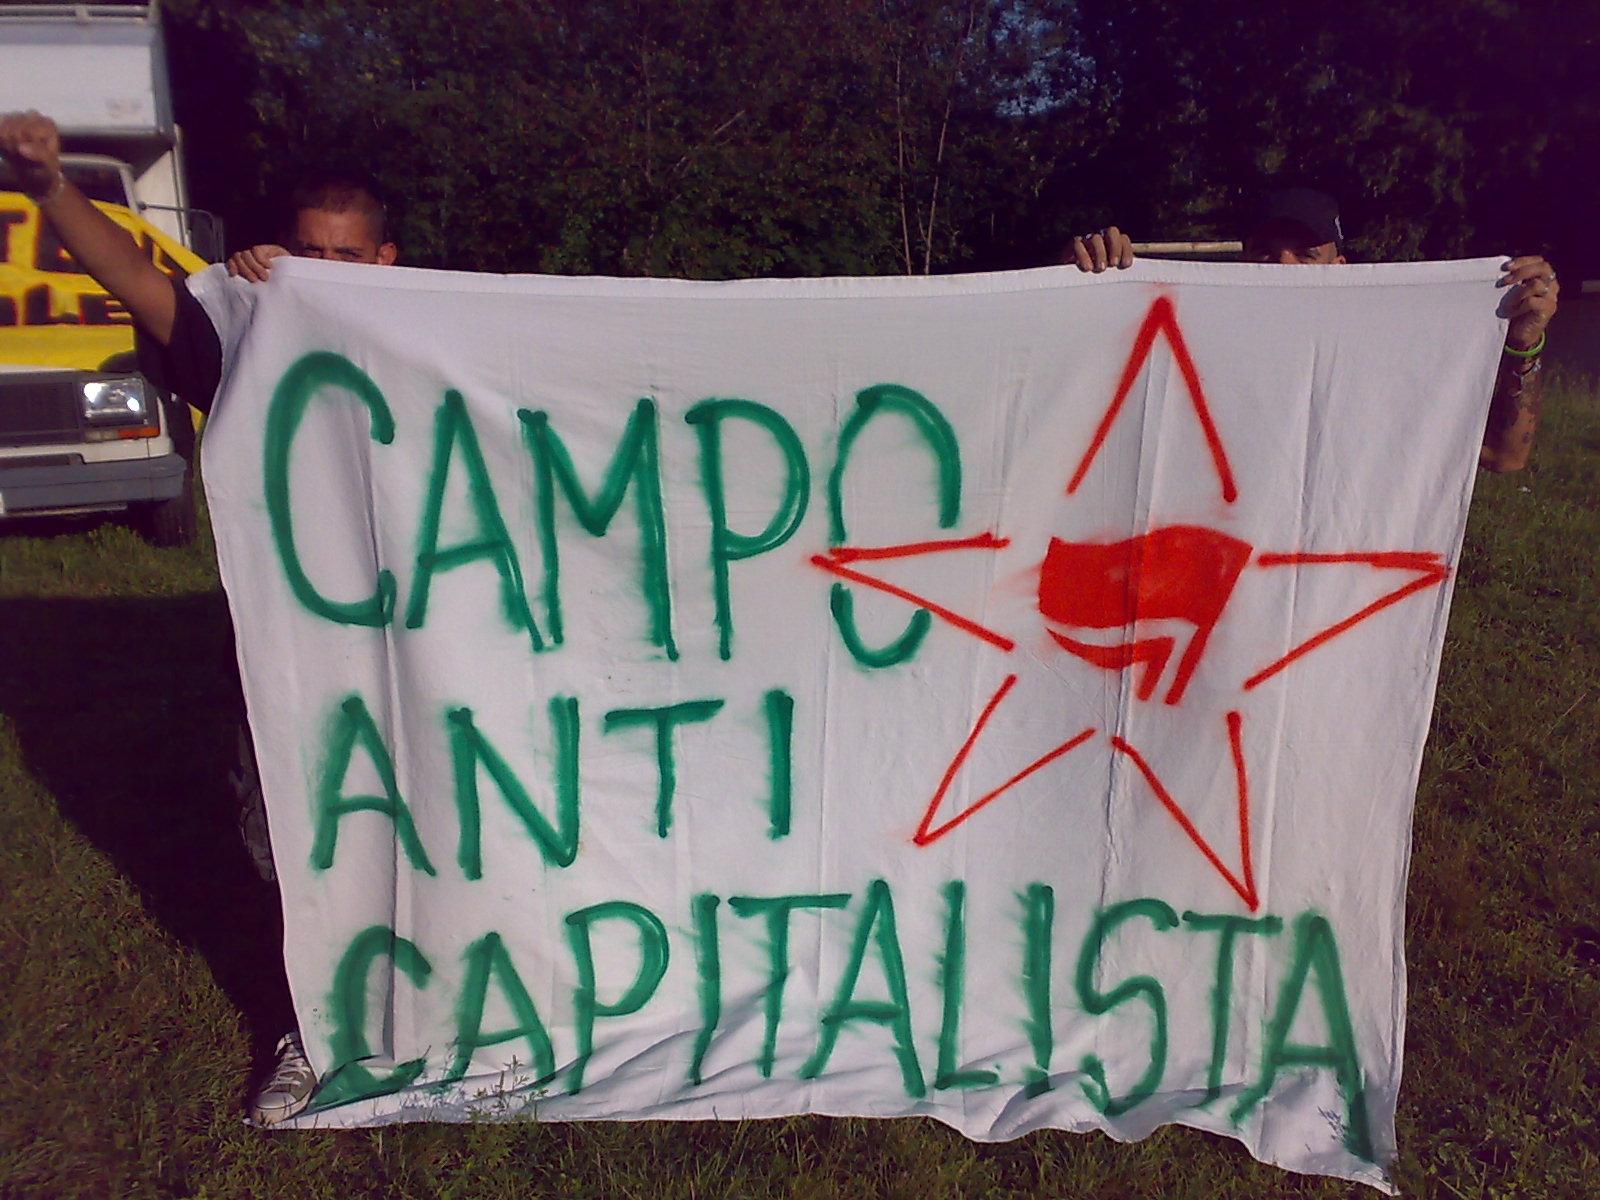 A Anti Anticapitalista .: CAMPO AUTONOMO ANTI...